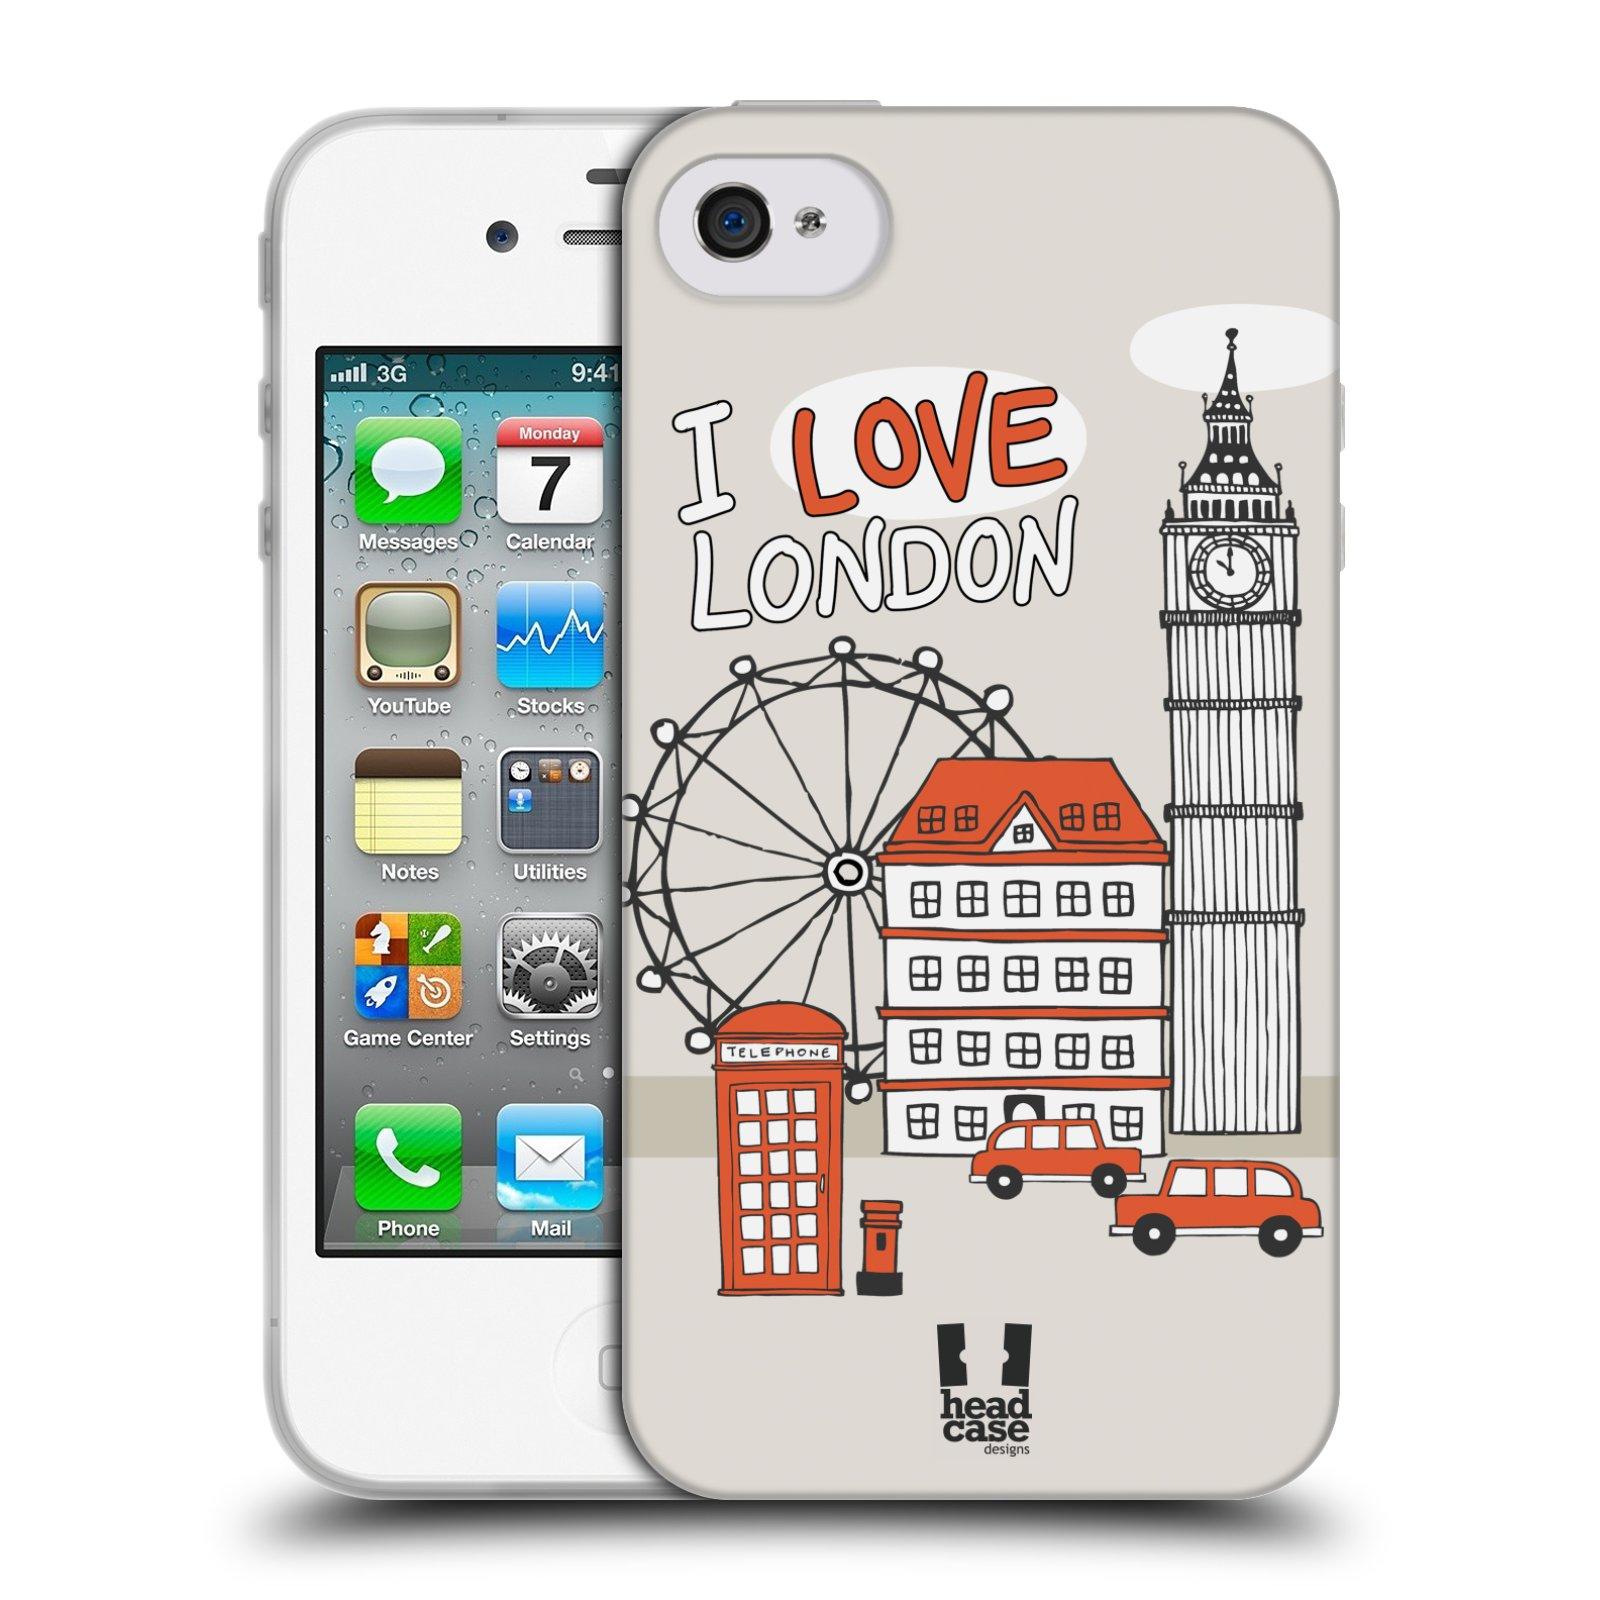 HEAD CASE silikonový obal na mobil Apple Iphone 4/4S vzor Kreslená městečka ČERVENÁ, Anglie, Londýn, I LOVE LONDON